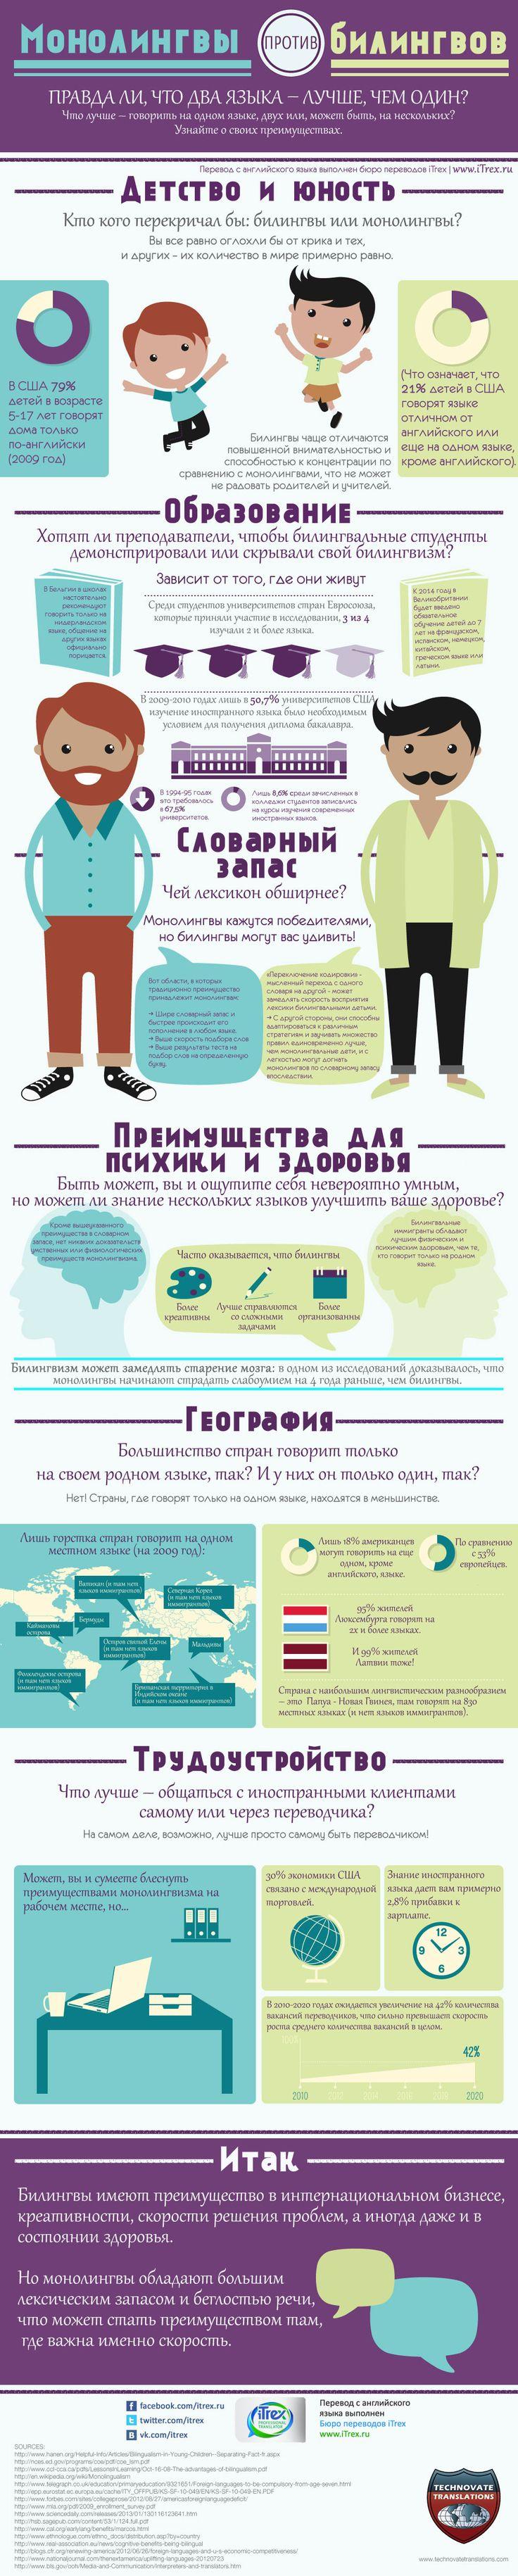 Сейчас знание только родного языка может создавать трудности в туристических или деловых поездках. Но  владение дополнительным языком - это и другие преимущества. Какие? Читайте в повторе инфографики про монолингвов и билингвов. http://itrex.ru/news/monolingvy_vs_bilingvy